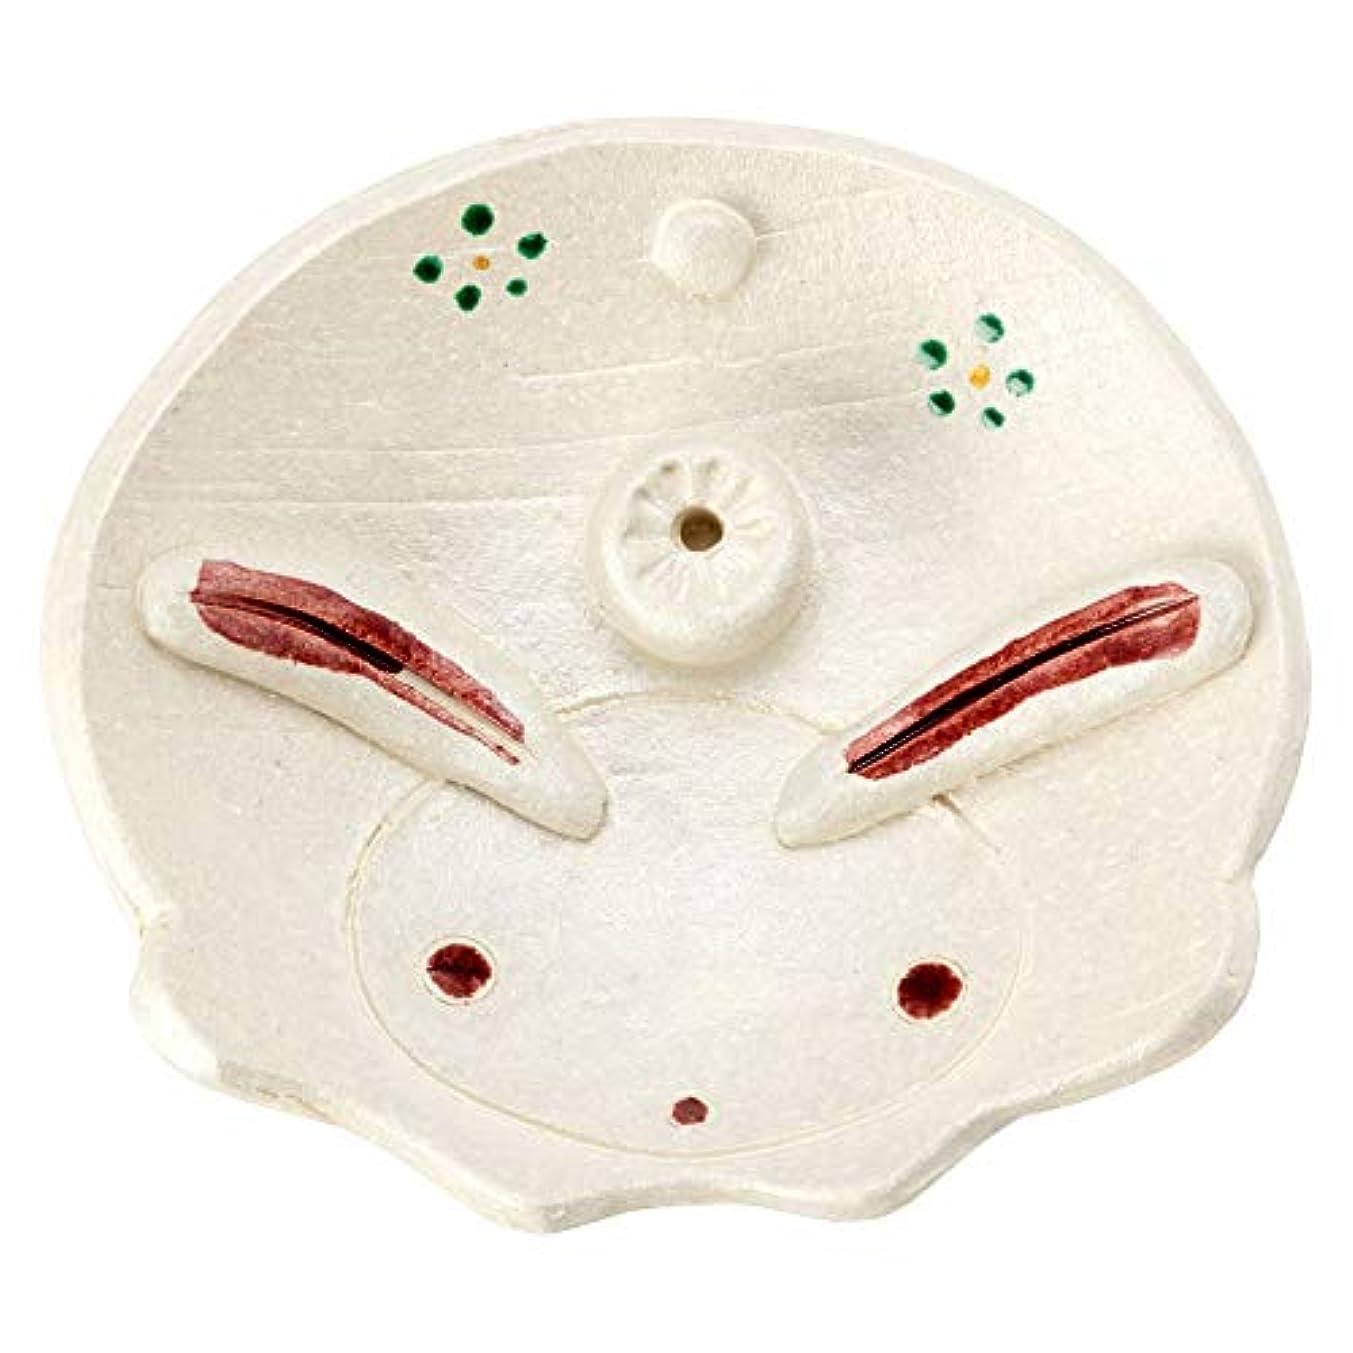 野心的筋パールひさみ窯民芸香立て兎 (K6207)瀬戸焼愛知県の工芸品Seto-yaki Incense stand, Aichi craft